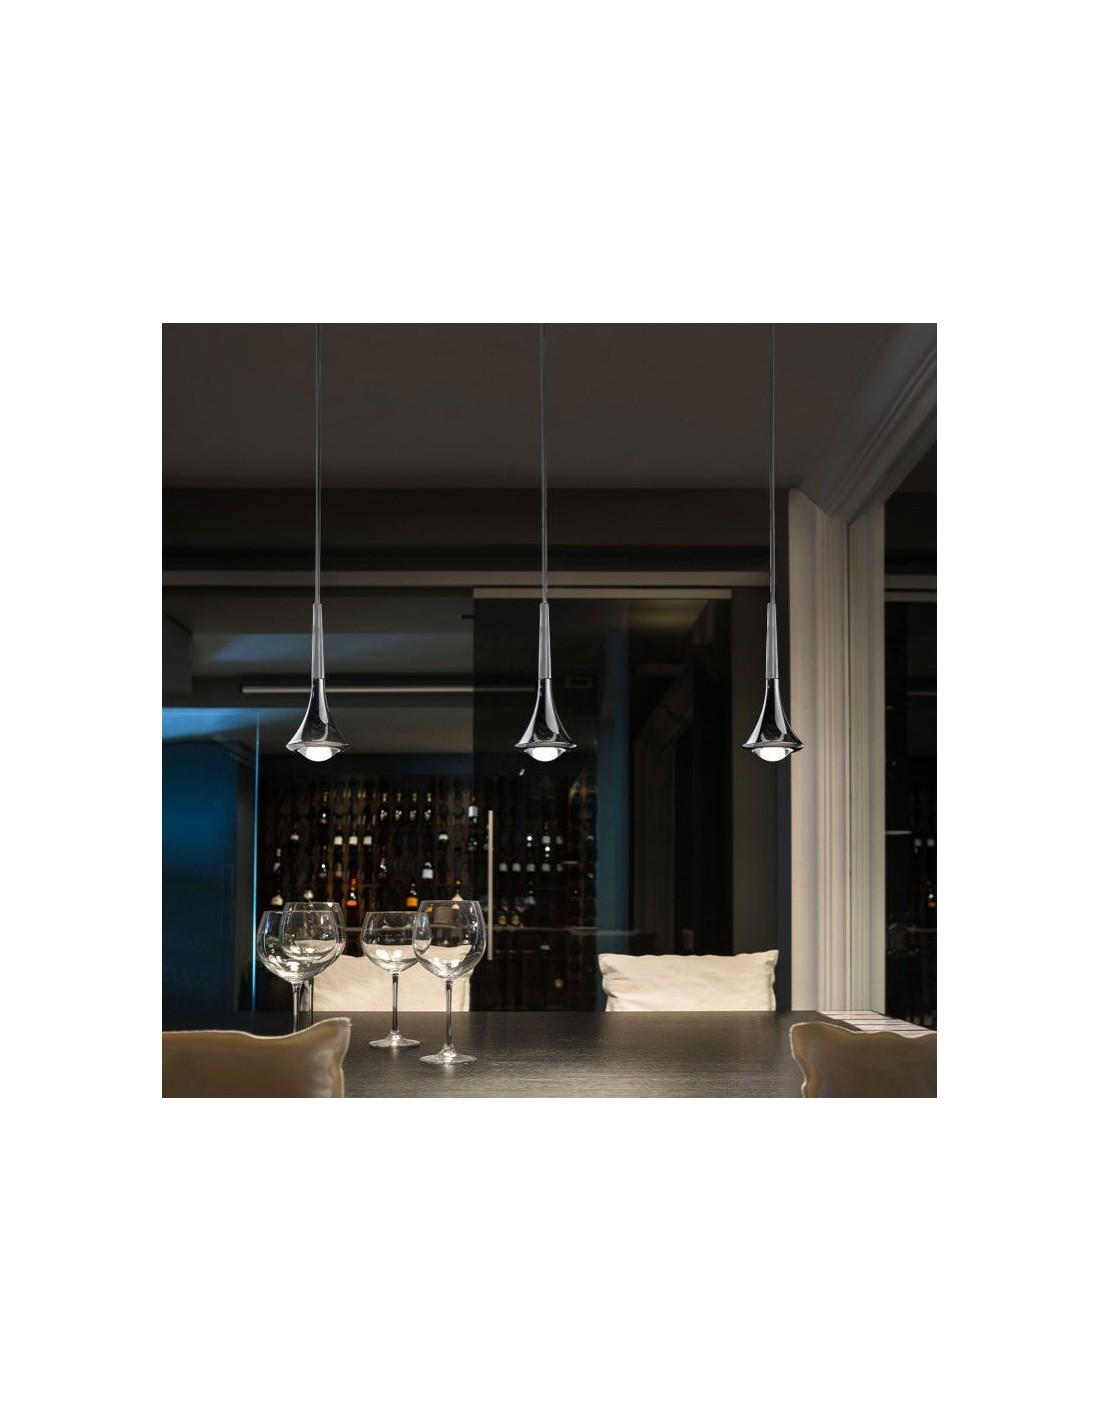 La rain une suspension design salon led de studio italia design - Suspension design salon ...